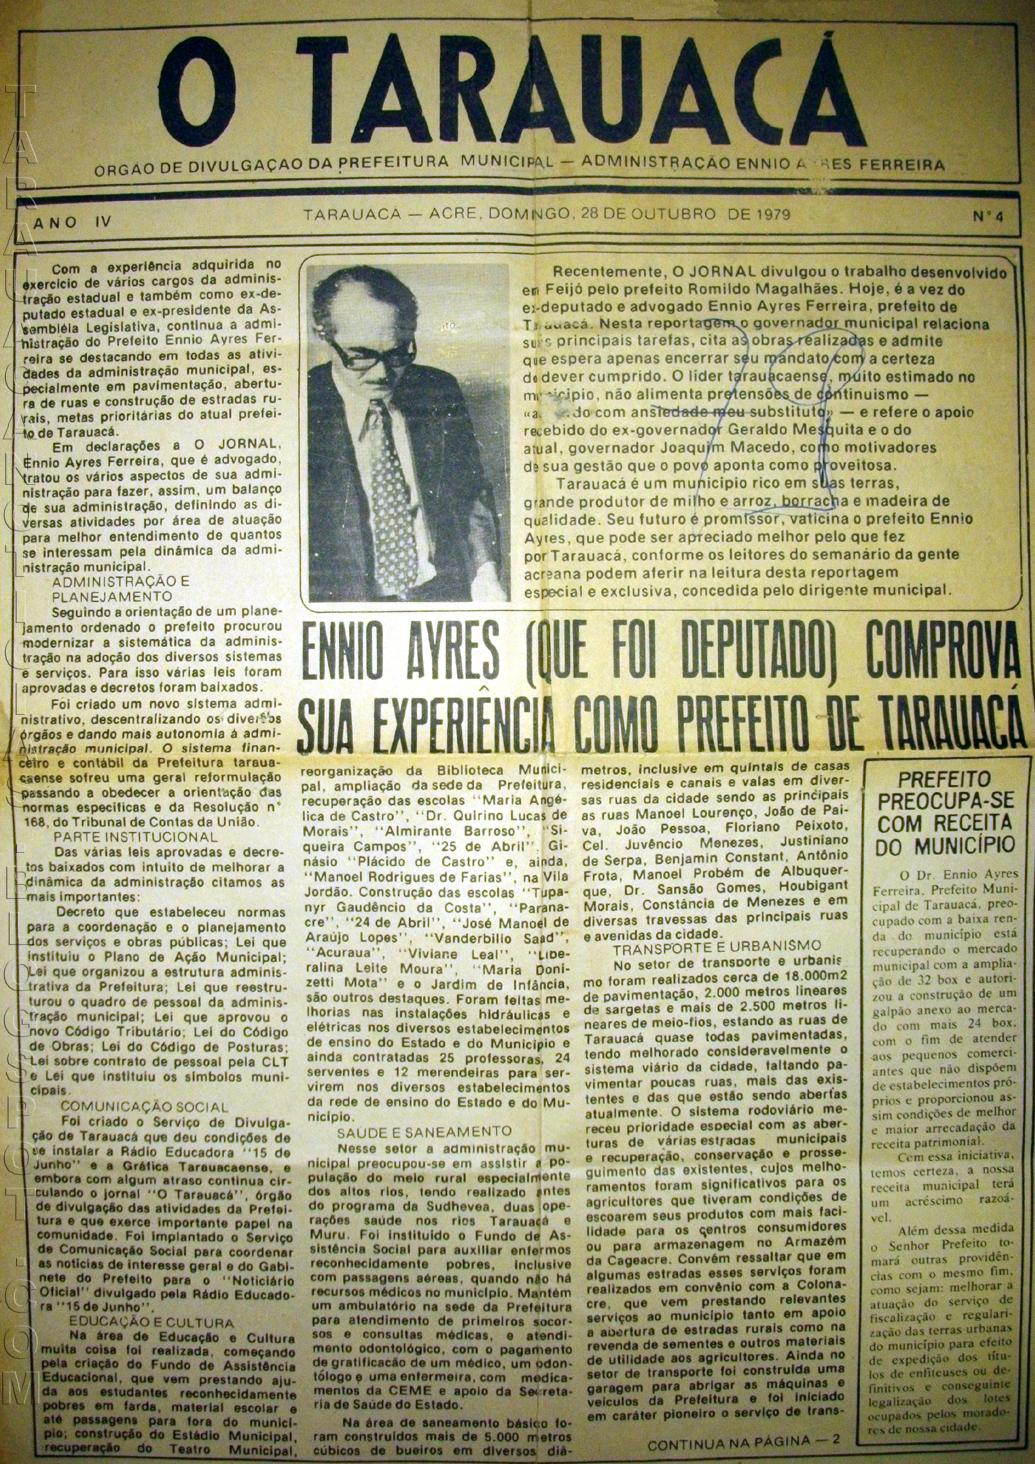 Exemplar do Jornal O Tarauacá. Década de 1970. Foto: Tarauacá Notícias